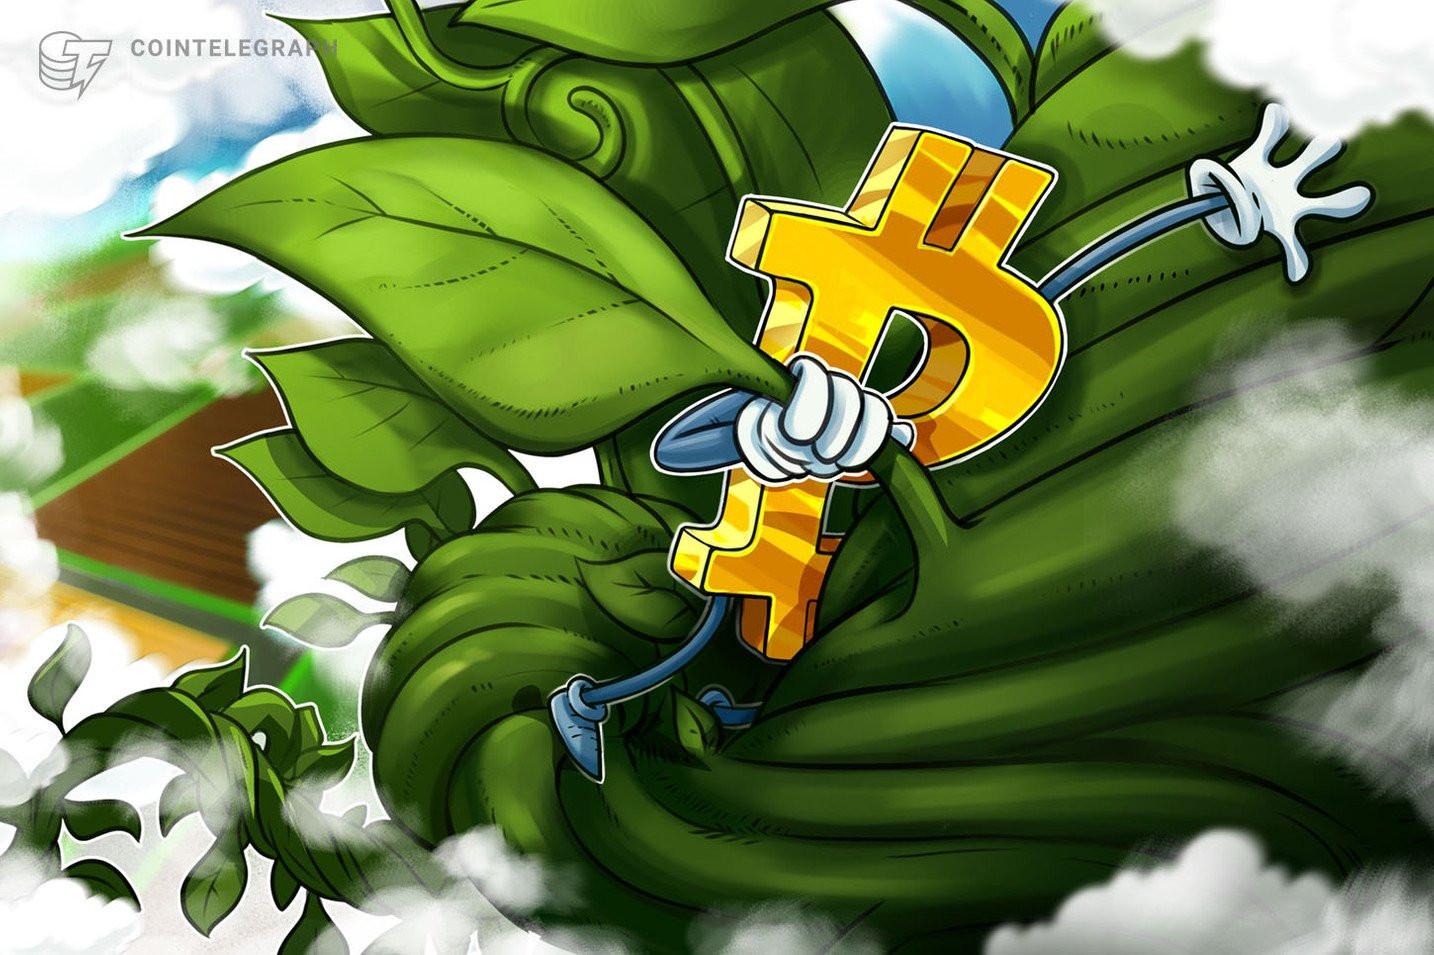 ビットコイン7500ドル回復、3月仮想通貨暴落以来初めて|「半減期」言及数が急増